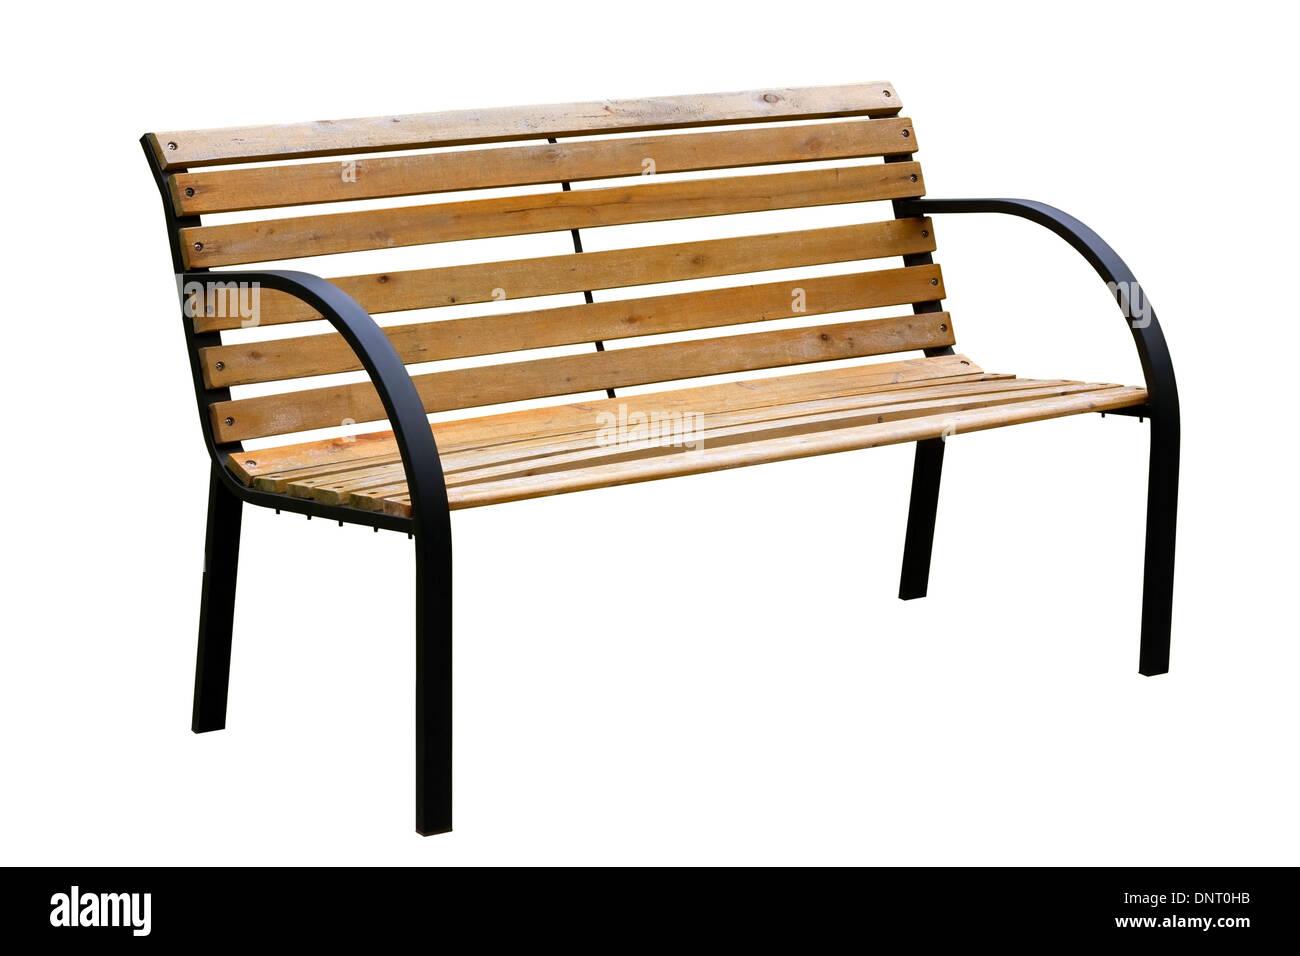 Marvelous Wooden Weathered Yellow Garden Bench With Metal Legs Uwap Interior Chair Design Uwaporg